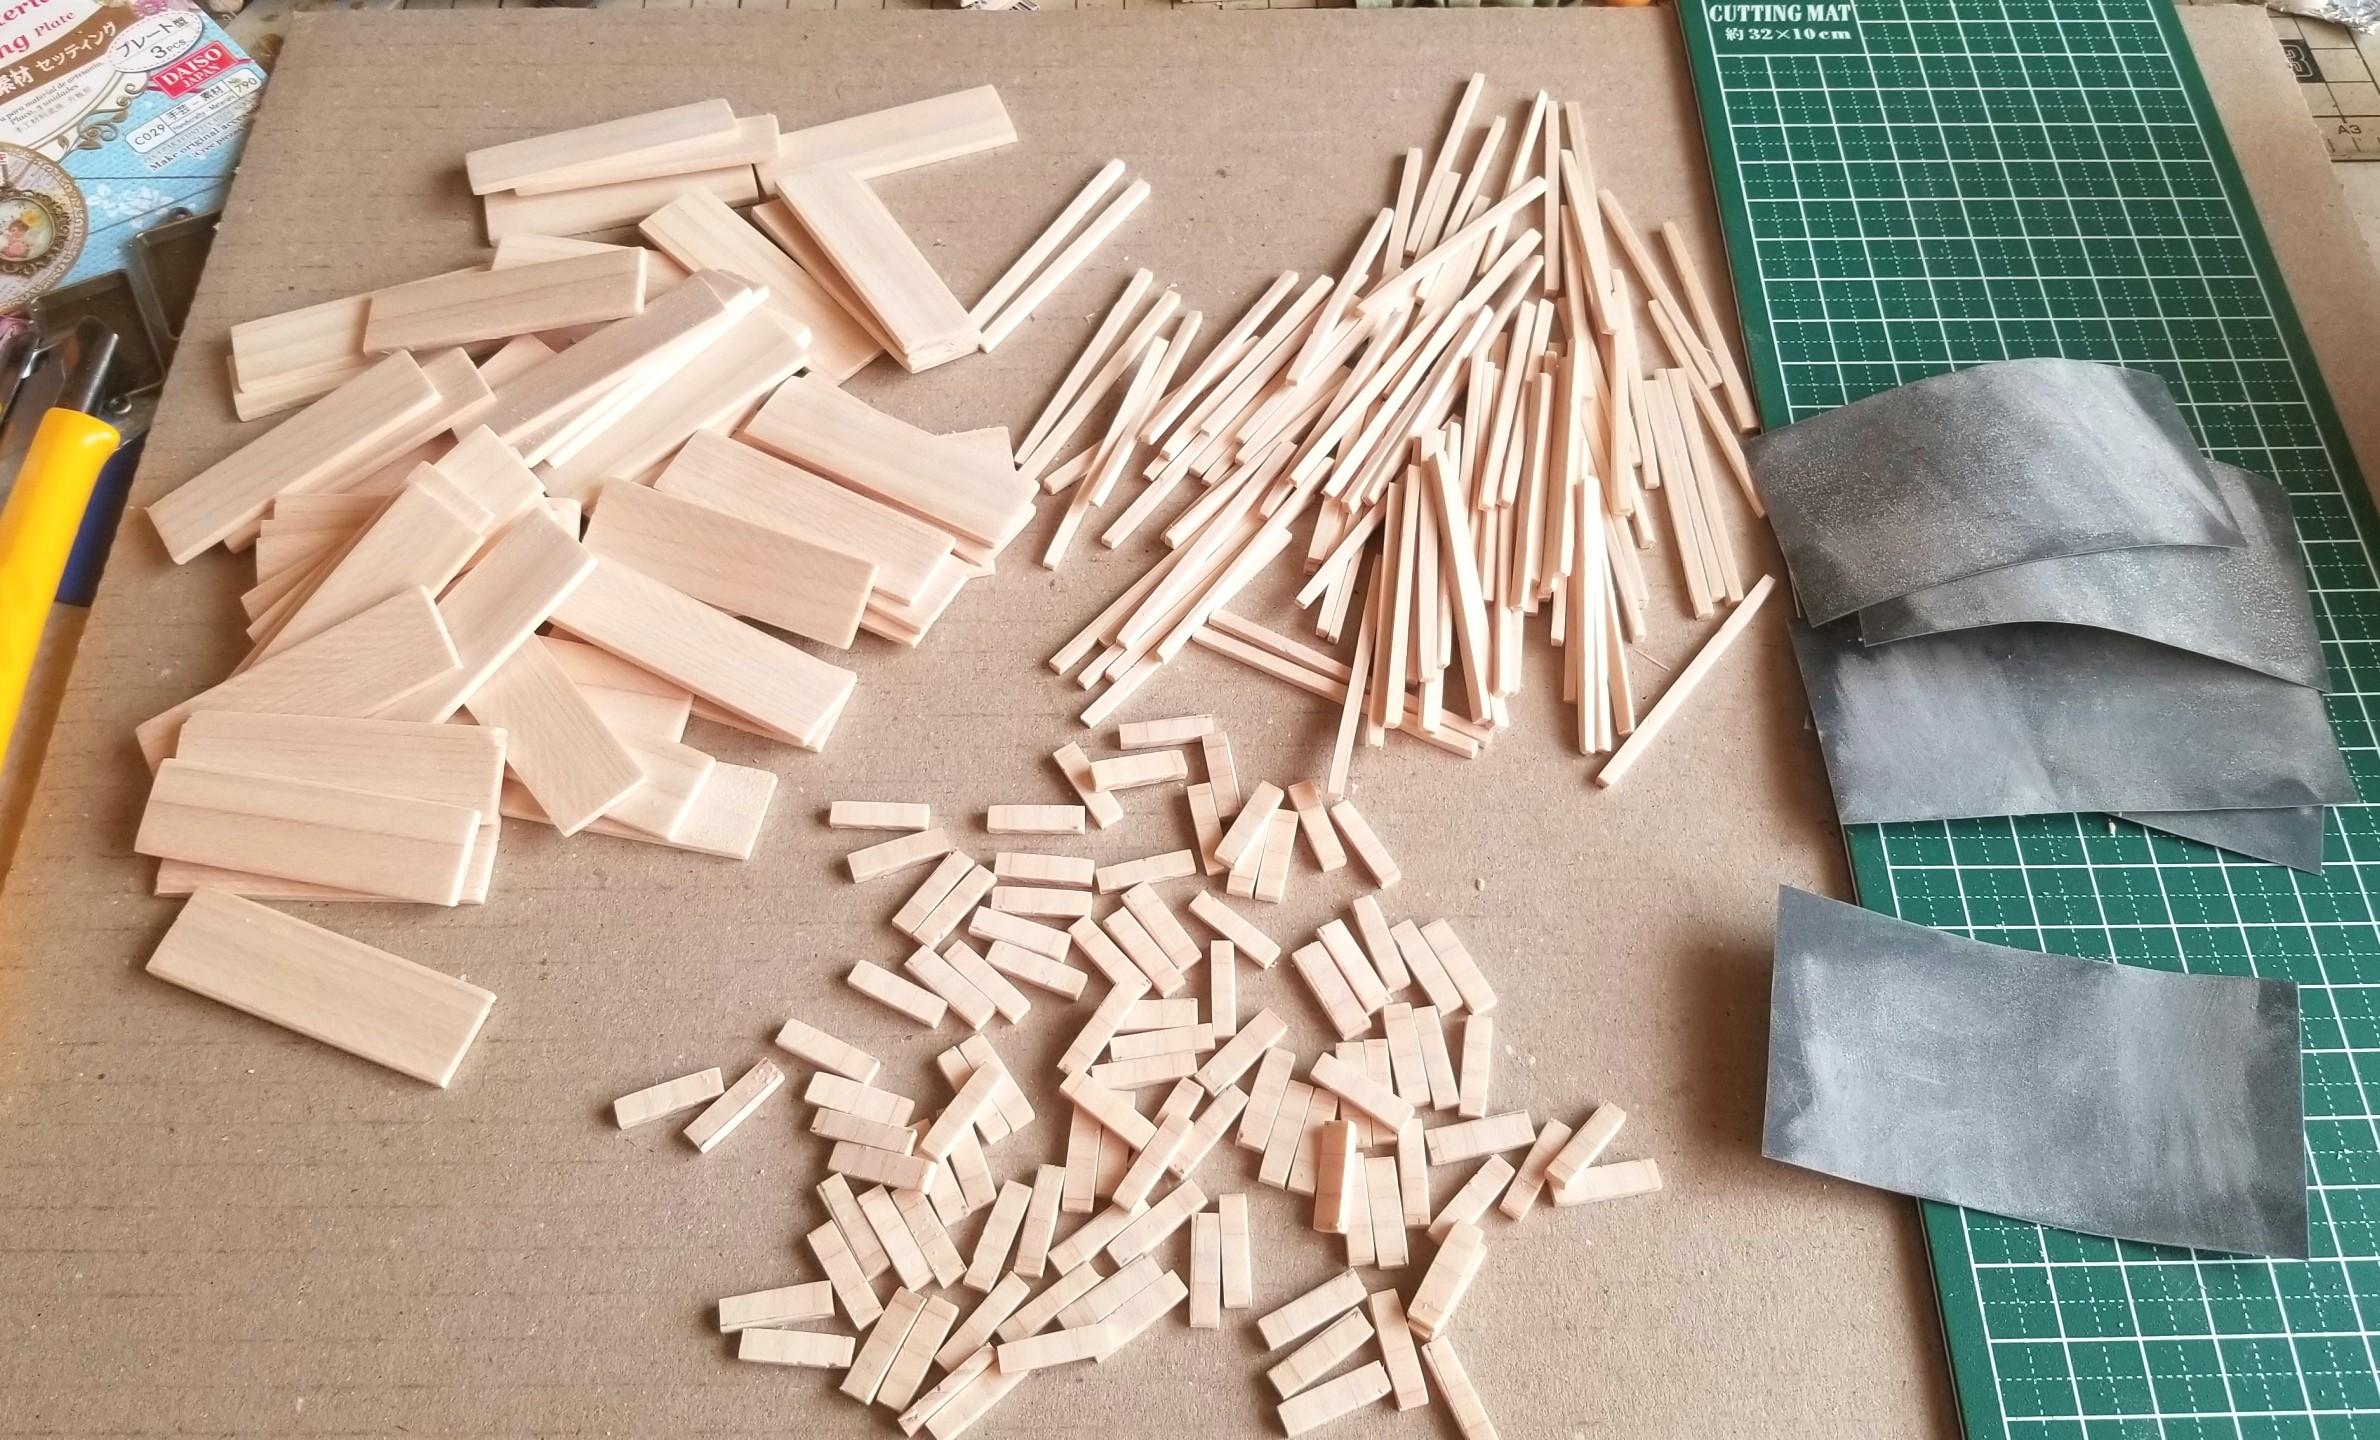 ミニチュアフード,木工作業,木製トレー,箱,作り方,ヒノキ,桧,和菓子